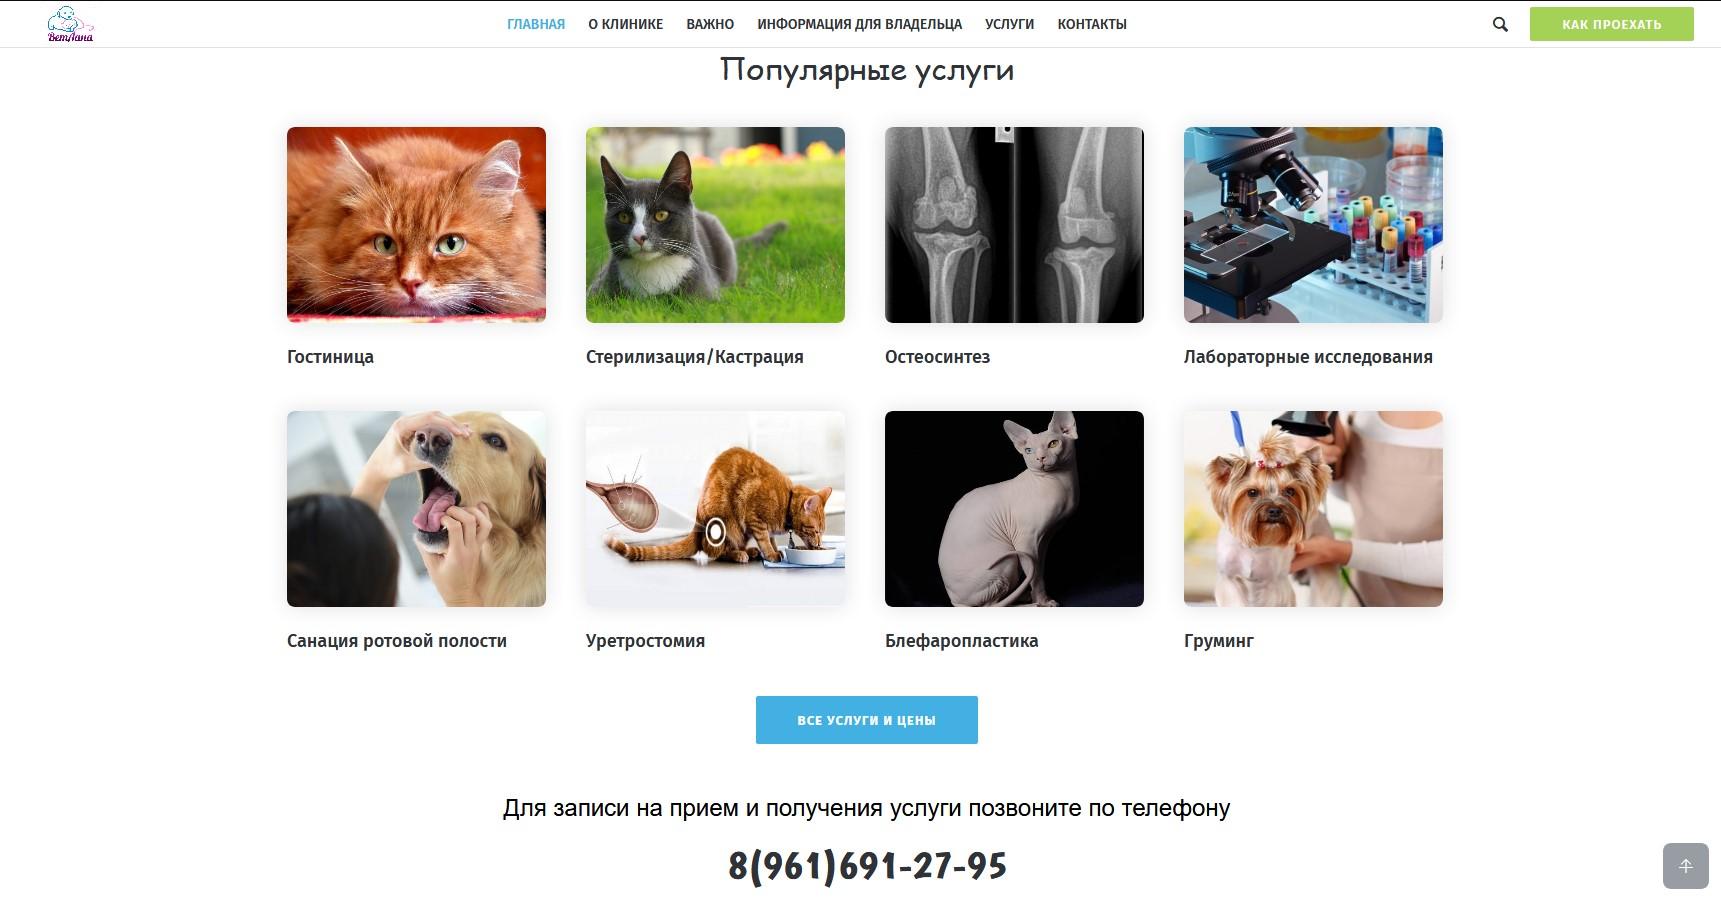 Портфолио: сайт ветеринарной клиники